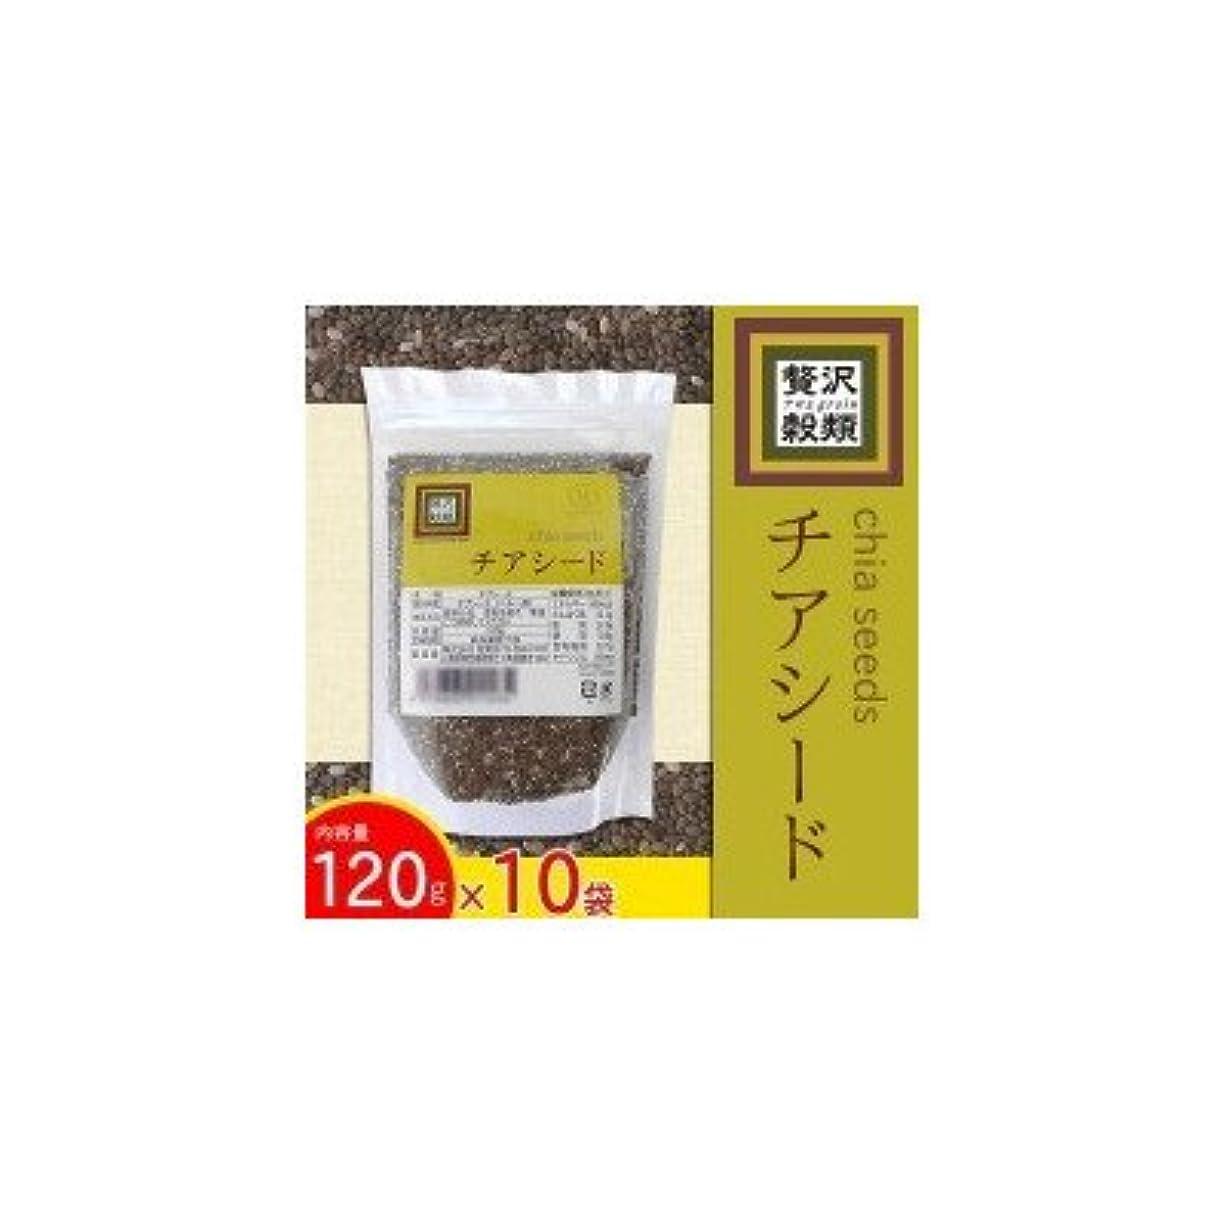 連結するイライラする熟す贅沢穀類 チアシード 120g×10袋